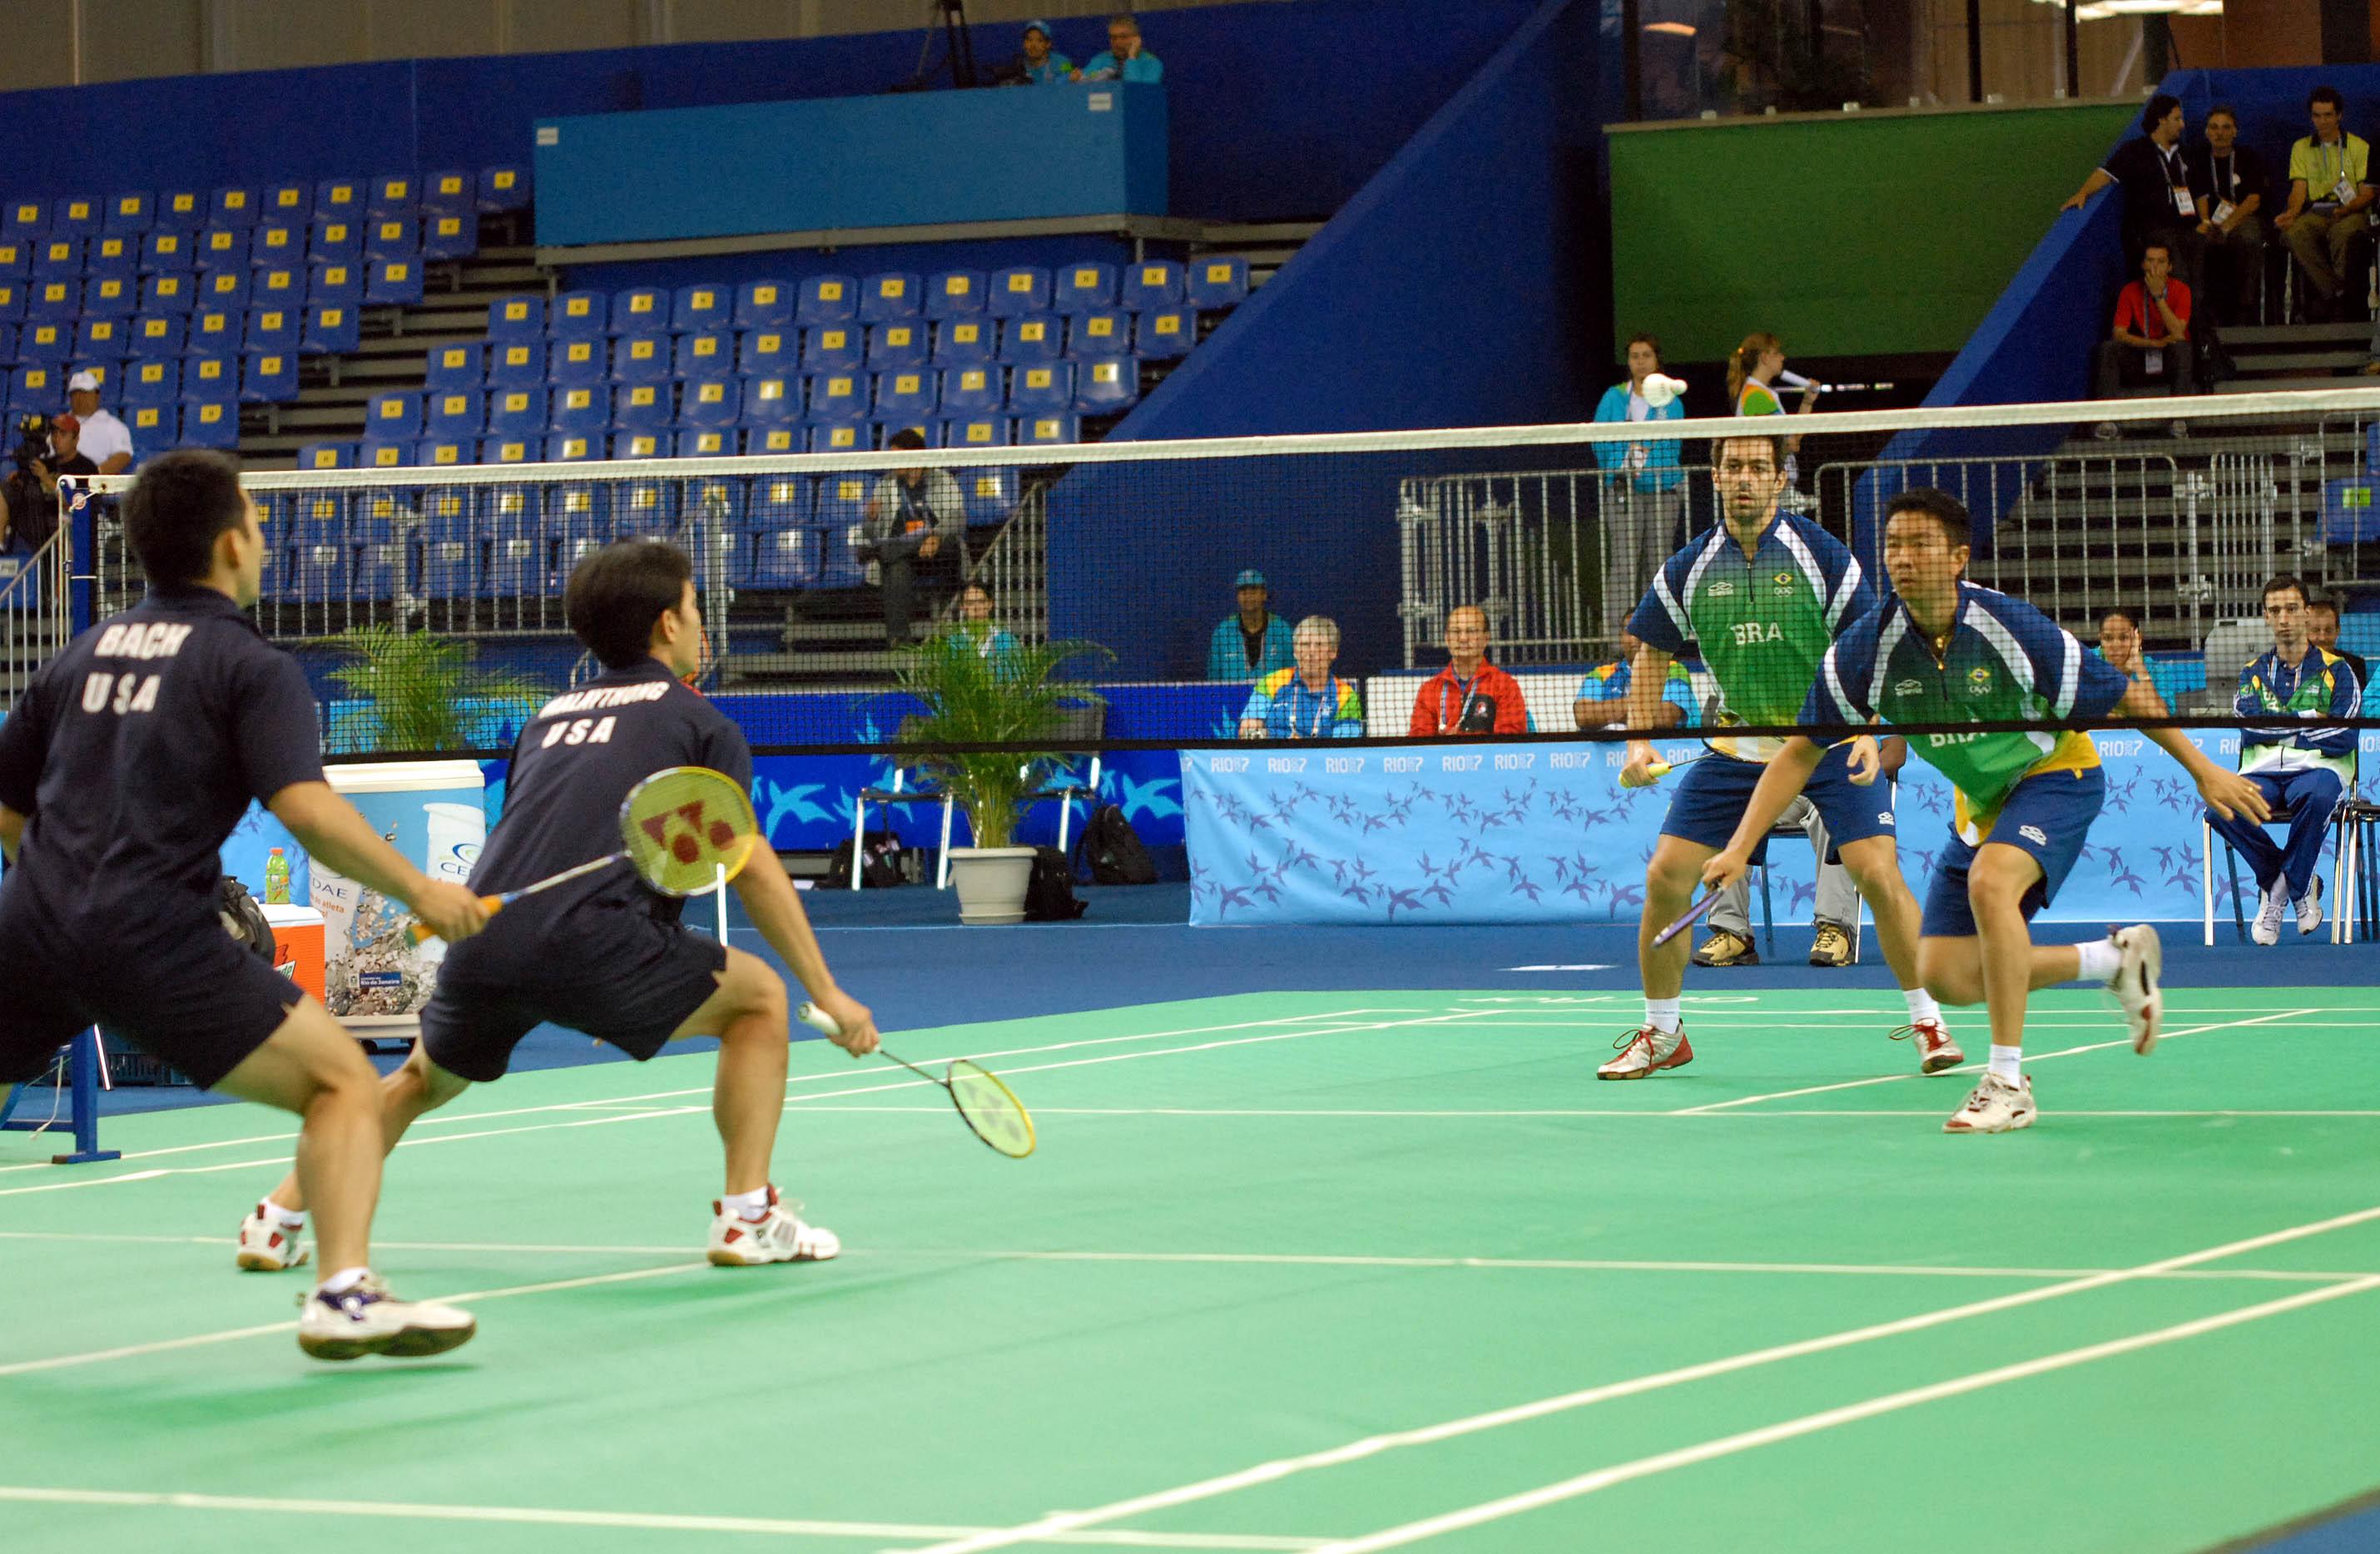 File:Badminton Semifinal Pan 2007.jpg - Wikimedia Commons Badminton